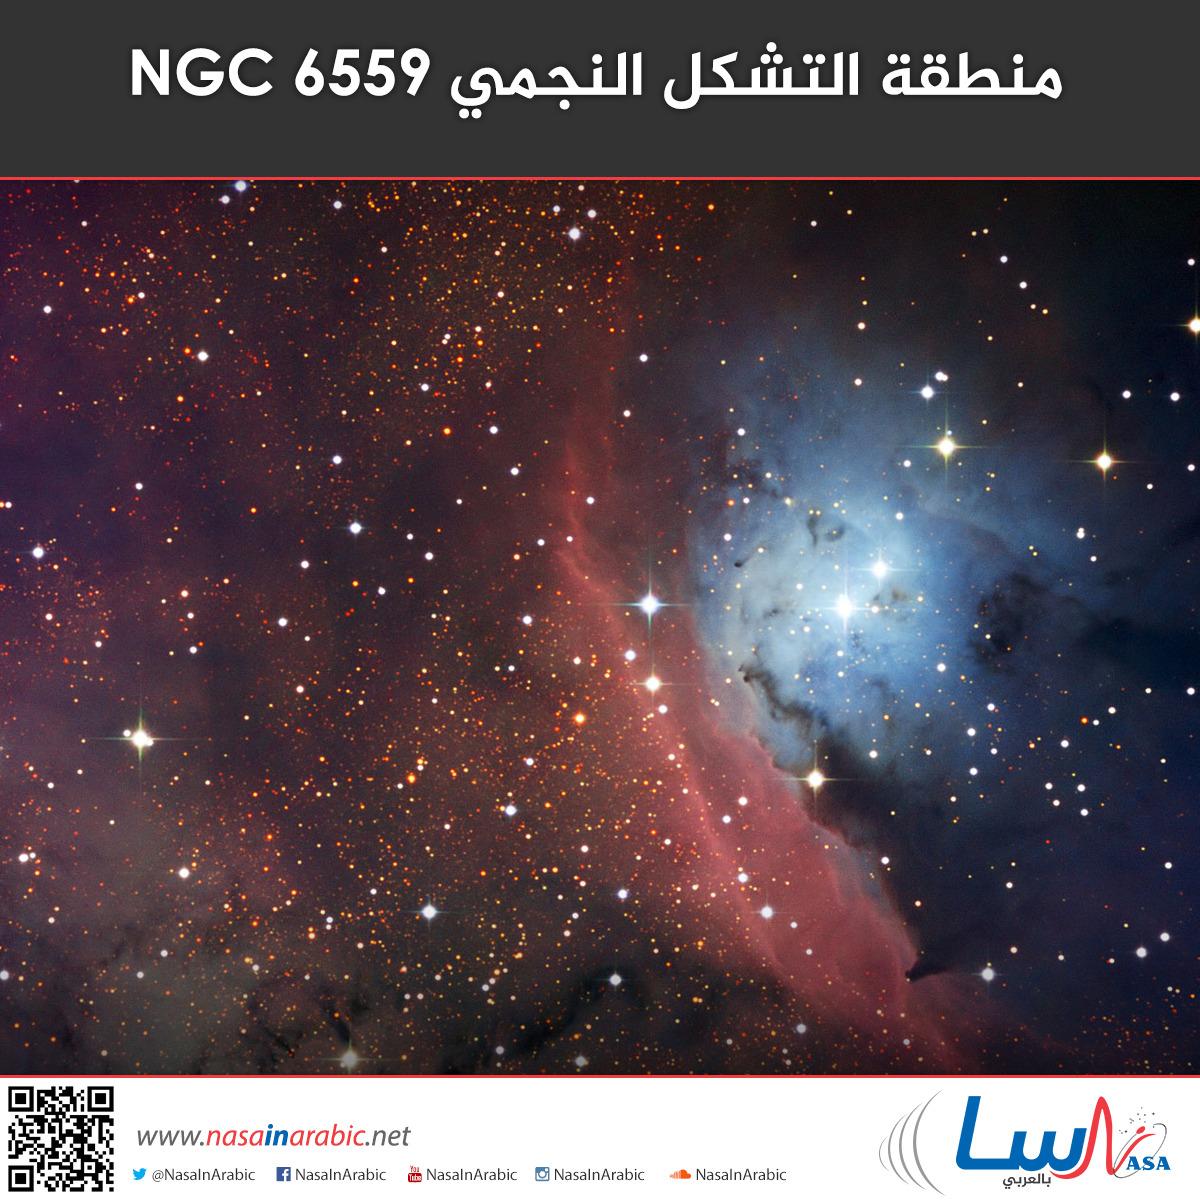 منطقة التشكل النجمي NGC 6559